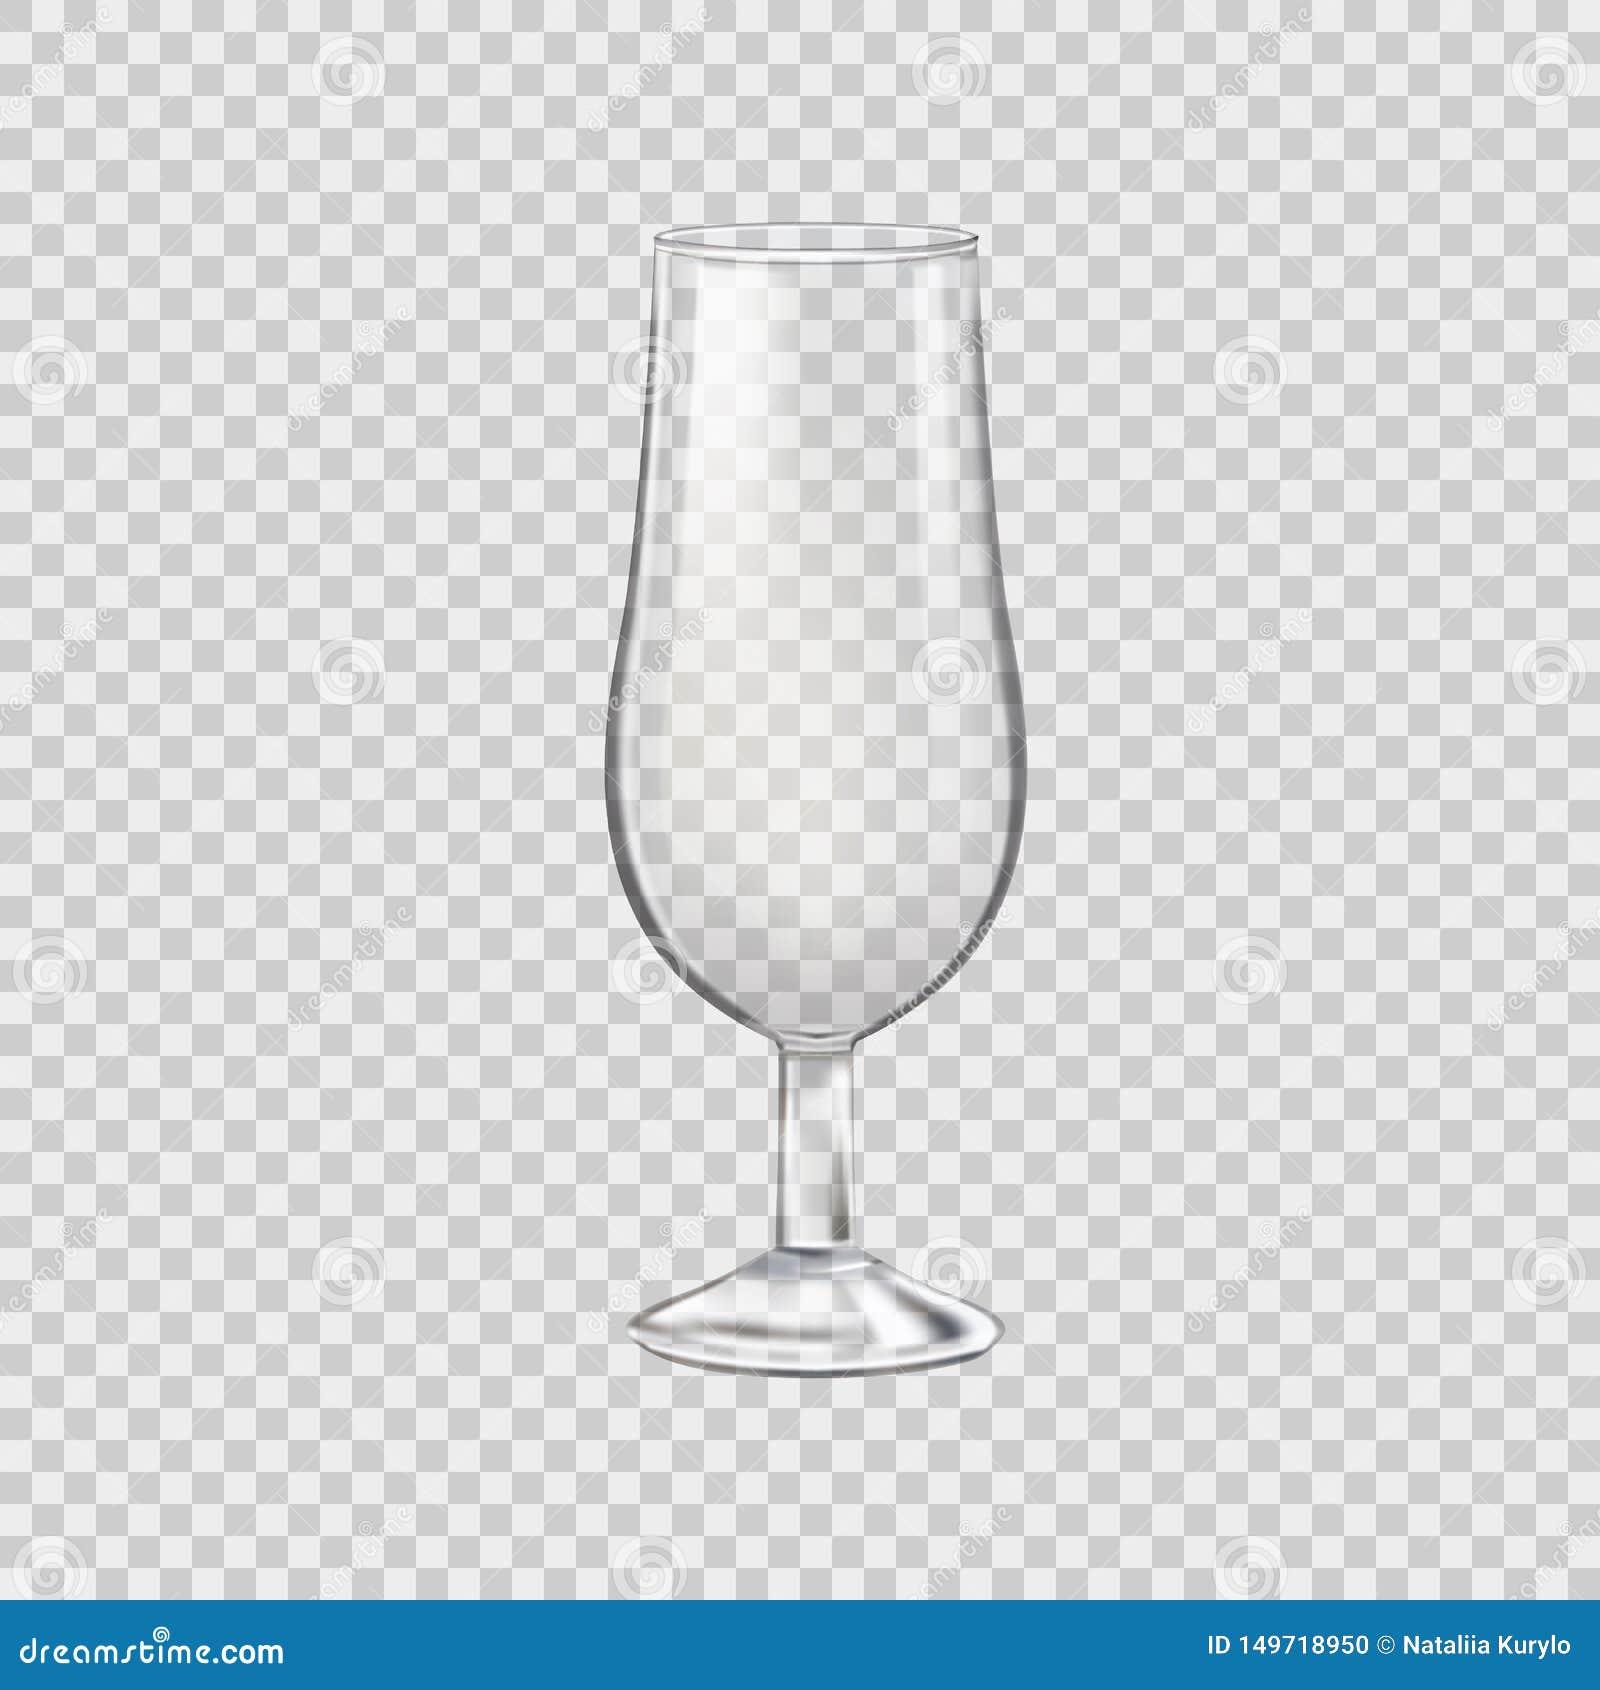 Roches en verre vides pour les boissons alcoolisées, verre transparent Vecteur